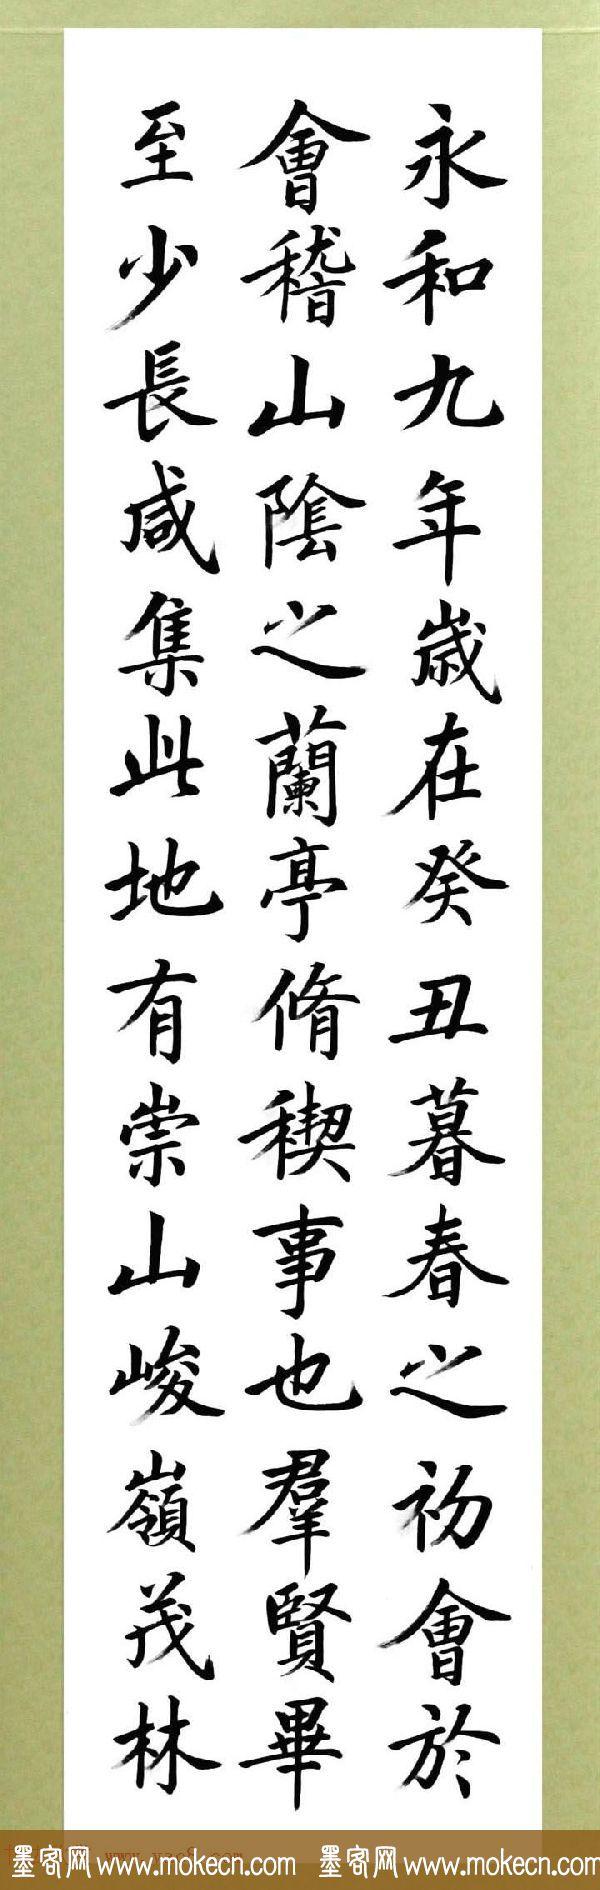 张志和楷书作品《王羲之兰亭序》